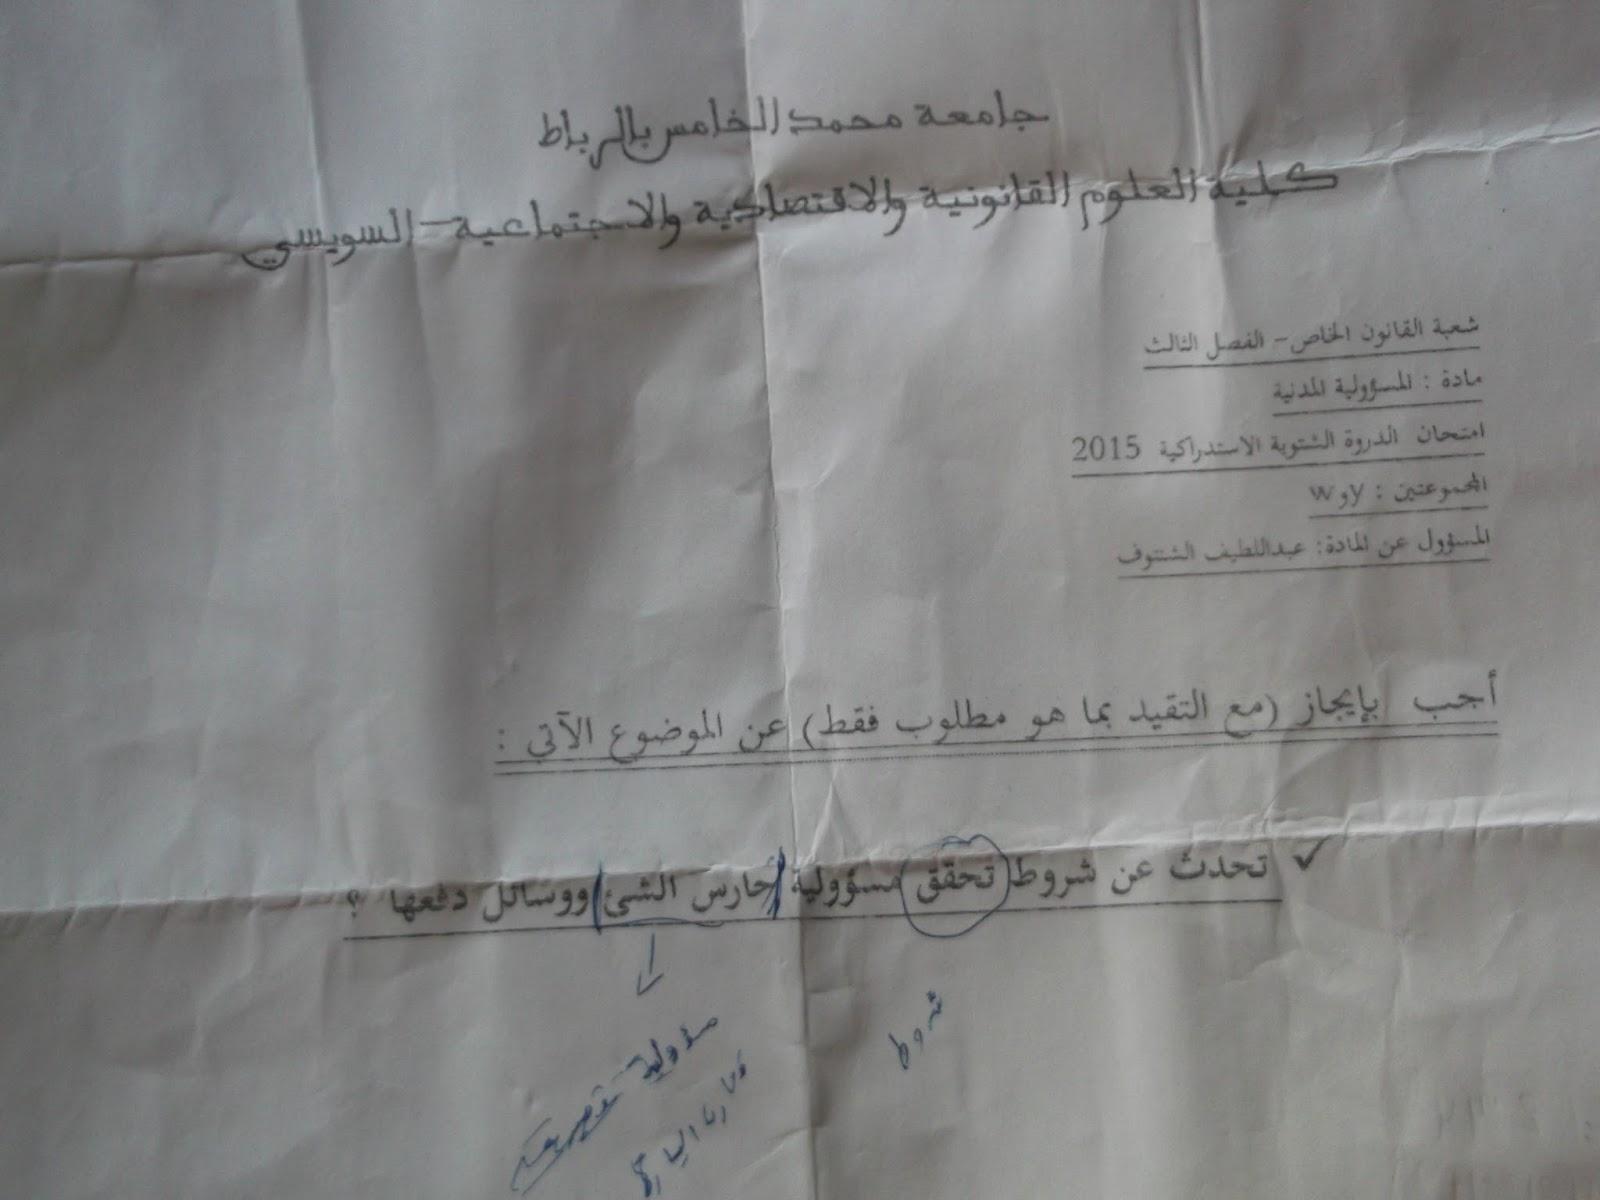 امتحان مادة المسؤولية المدنية للدكتور عبداللطيف اشنتوف S3